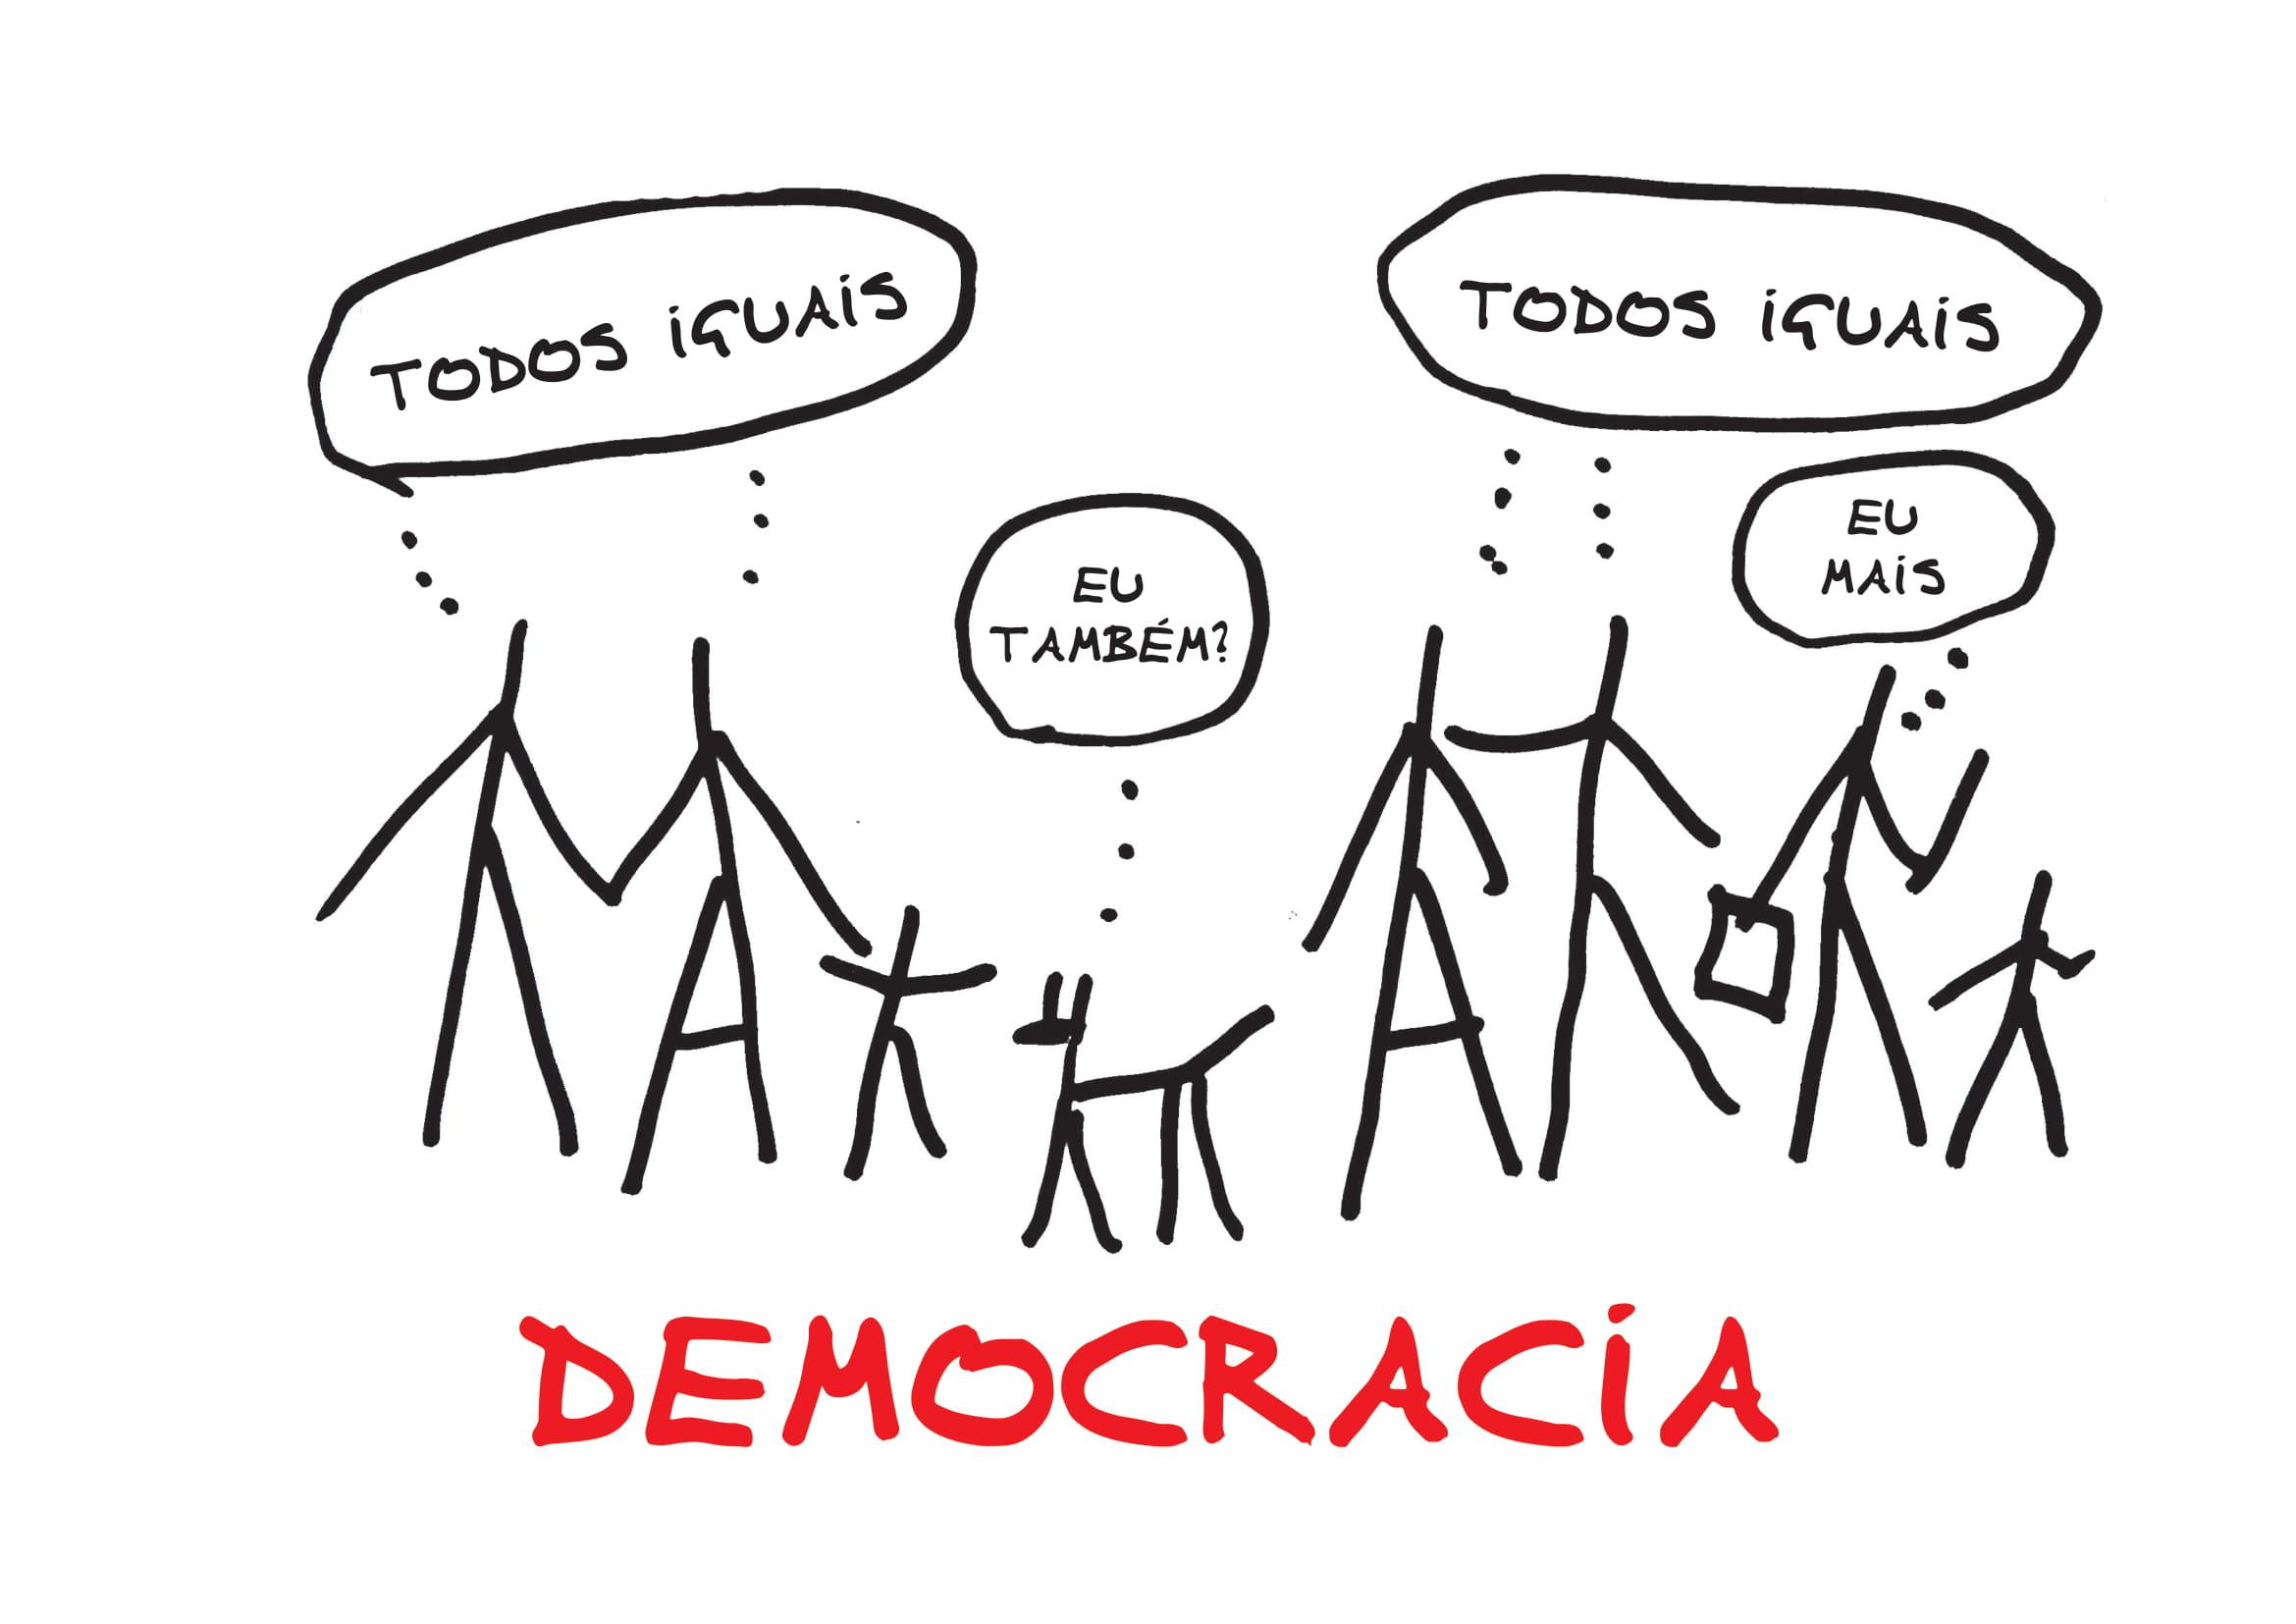 """Desenho de 7 pessoas, sendo 5 mais altas, 2 mais baixas e um animal. Estes desenhos são feitos com riscos pretos e estão distribuídos na página onde 2 estão do lado esquerdo e 4 do direito, com o animal no centro. Das figuras saem balões de histórias em quadrinhos onde lemos da esquerda para direita: """"Todos iguais"""" """"Eu também?"""" """"Todos iguais"""" """"Eu mais"""" também em preto. Abaixo do desenho lemos a palavra """"Democracia"""" escrita à mão em vermelho."""